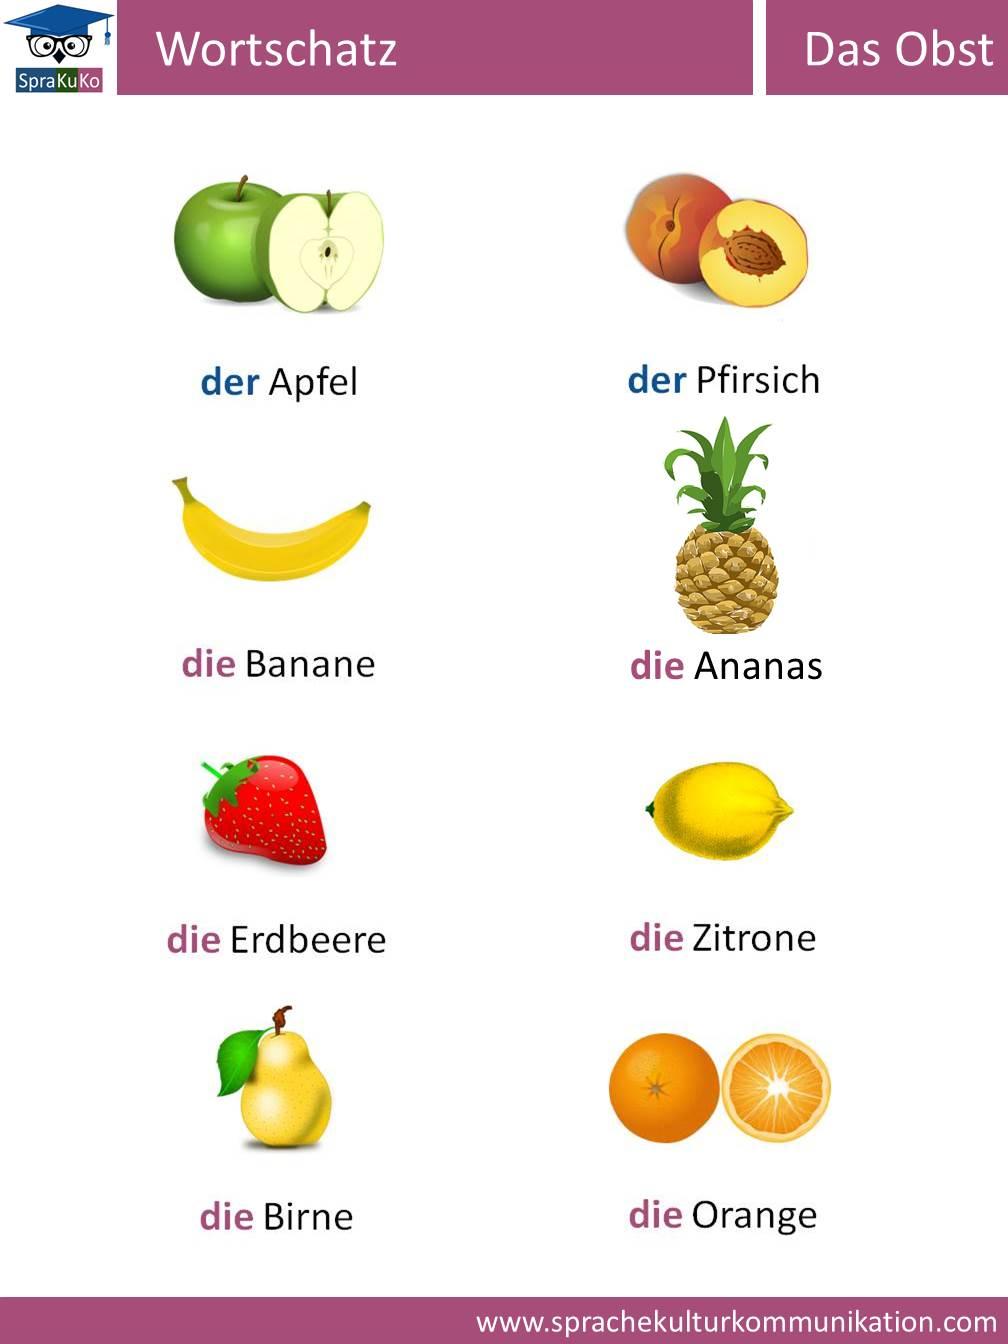 Wortschatz Obst